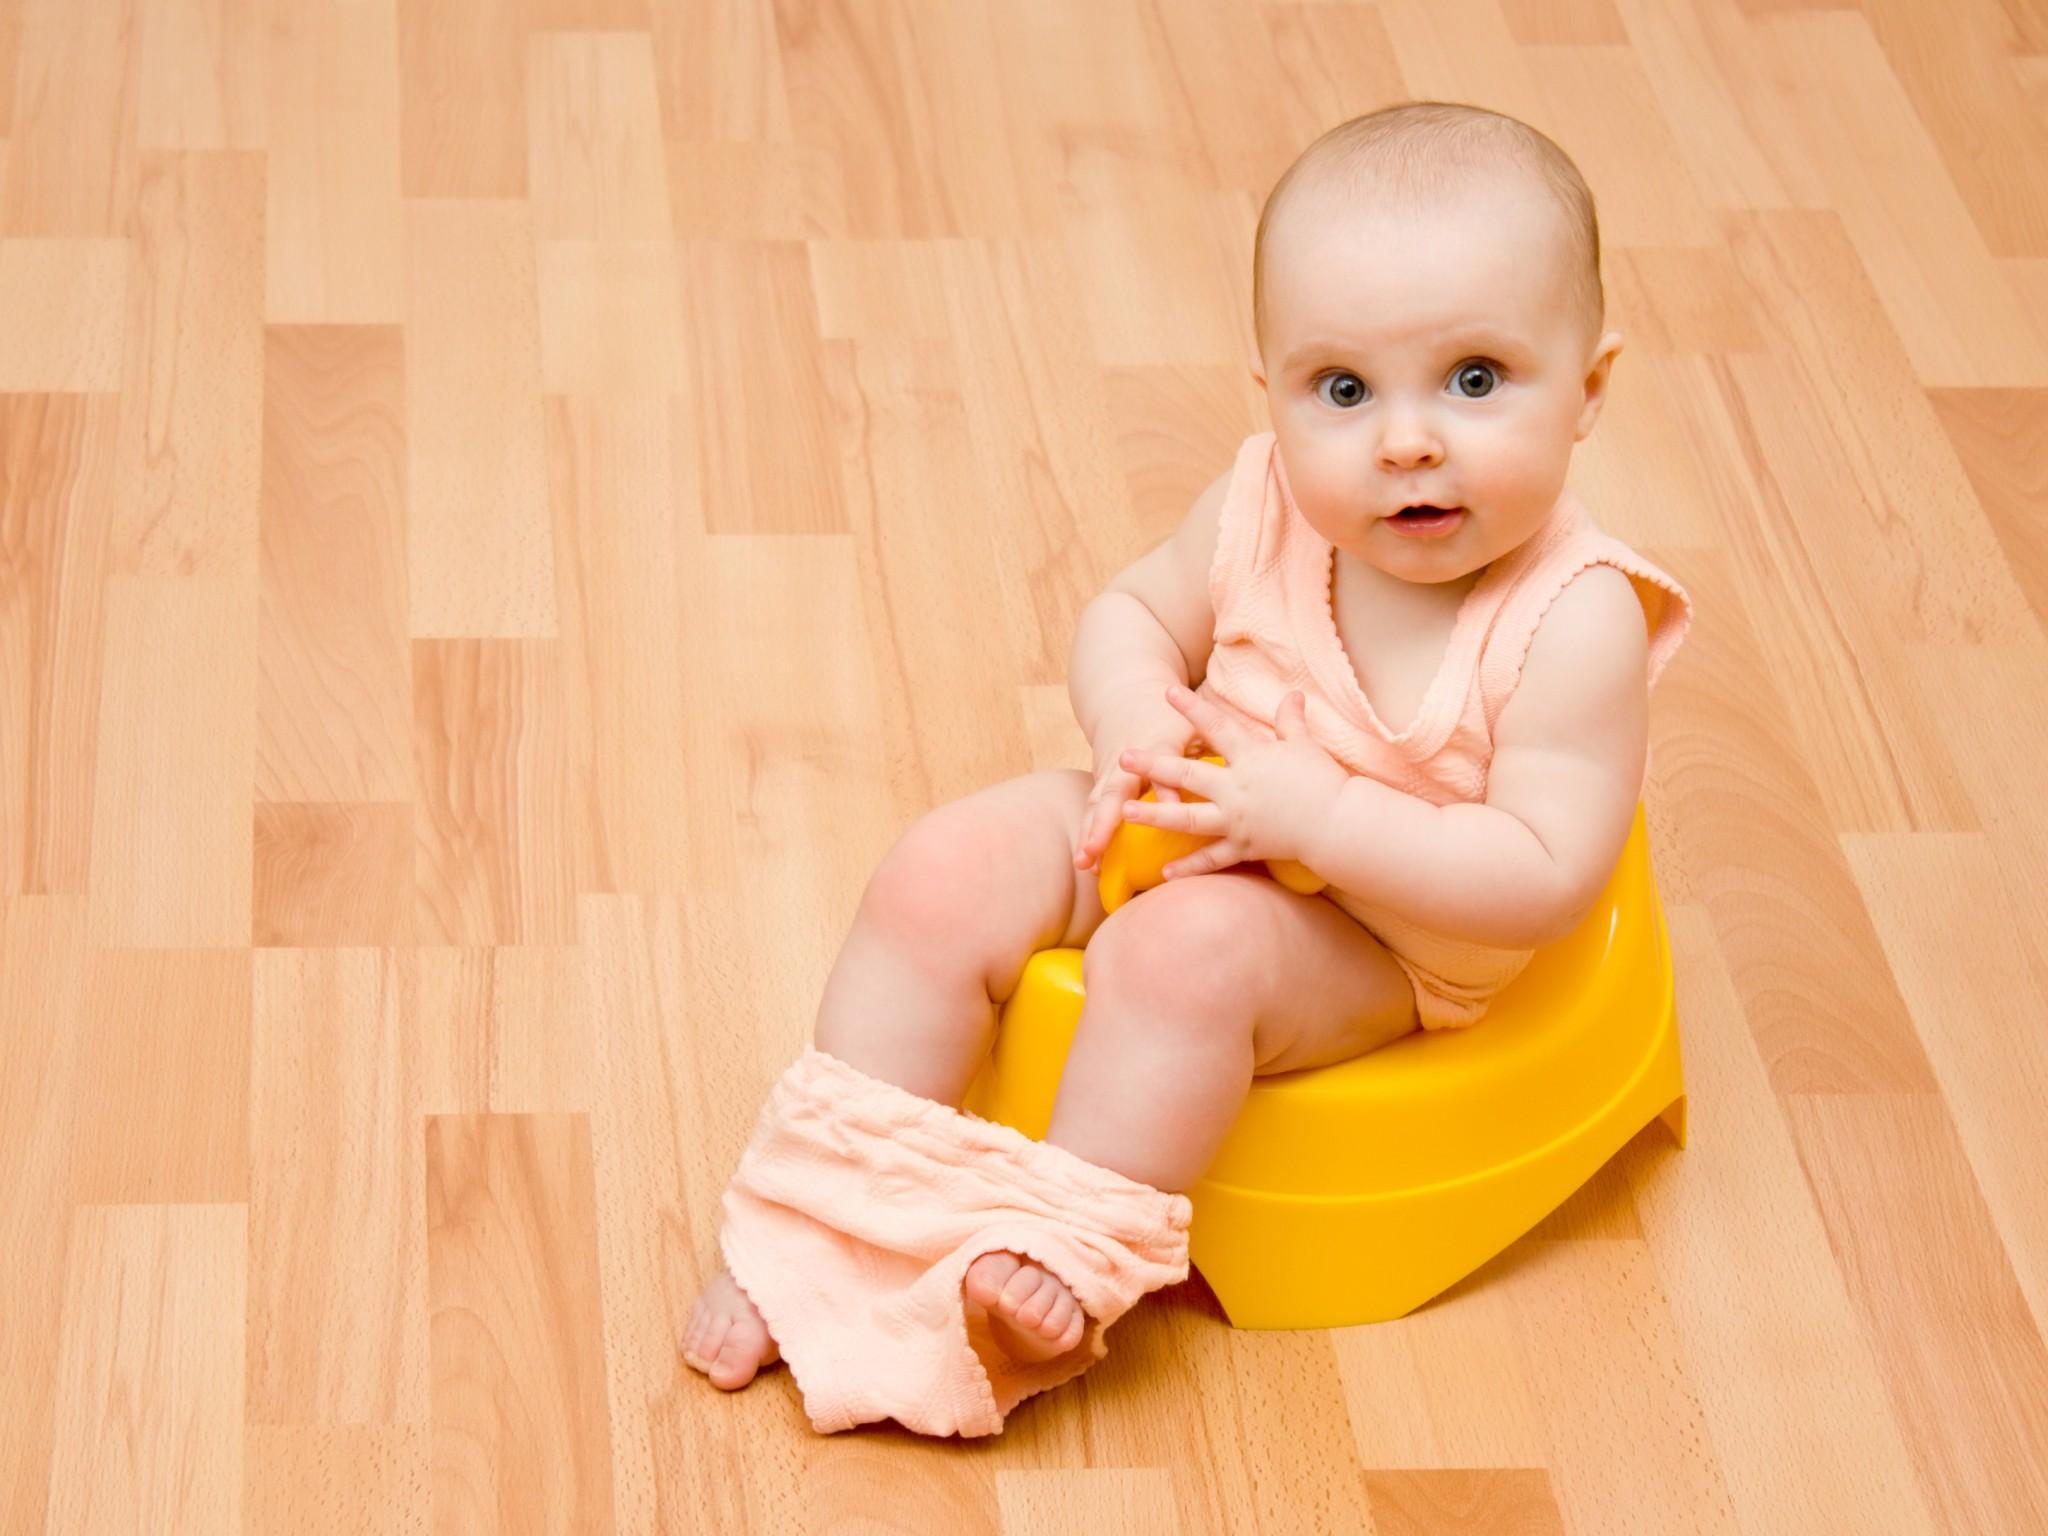 Проблемы со стулом у малыша нередко становятся причиной беспокойства родителей